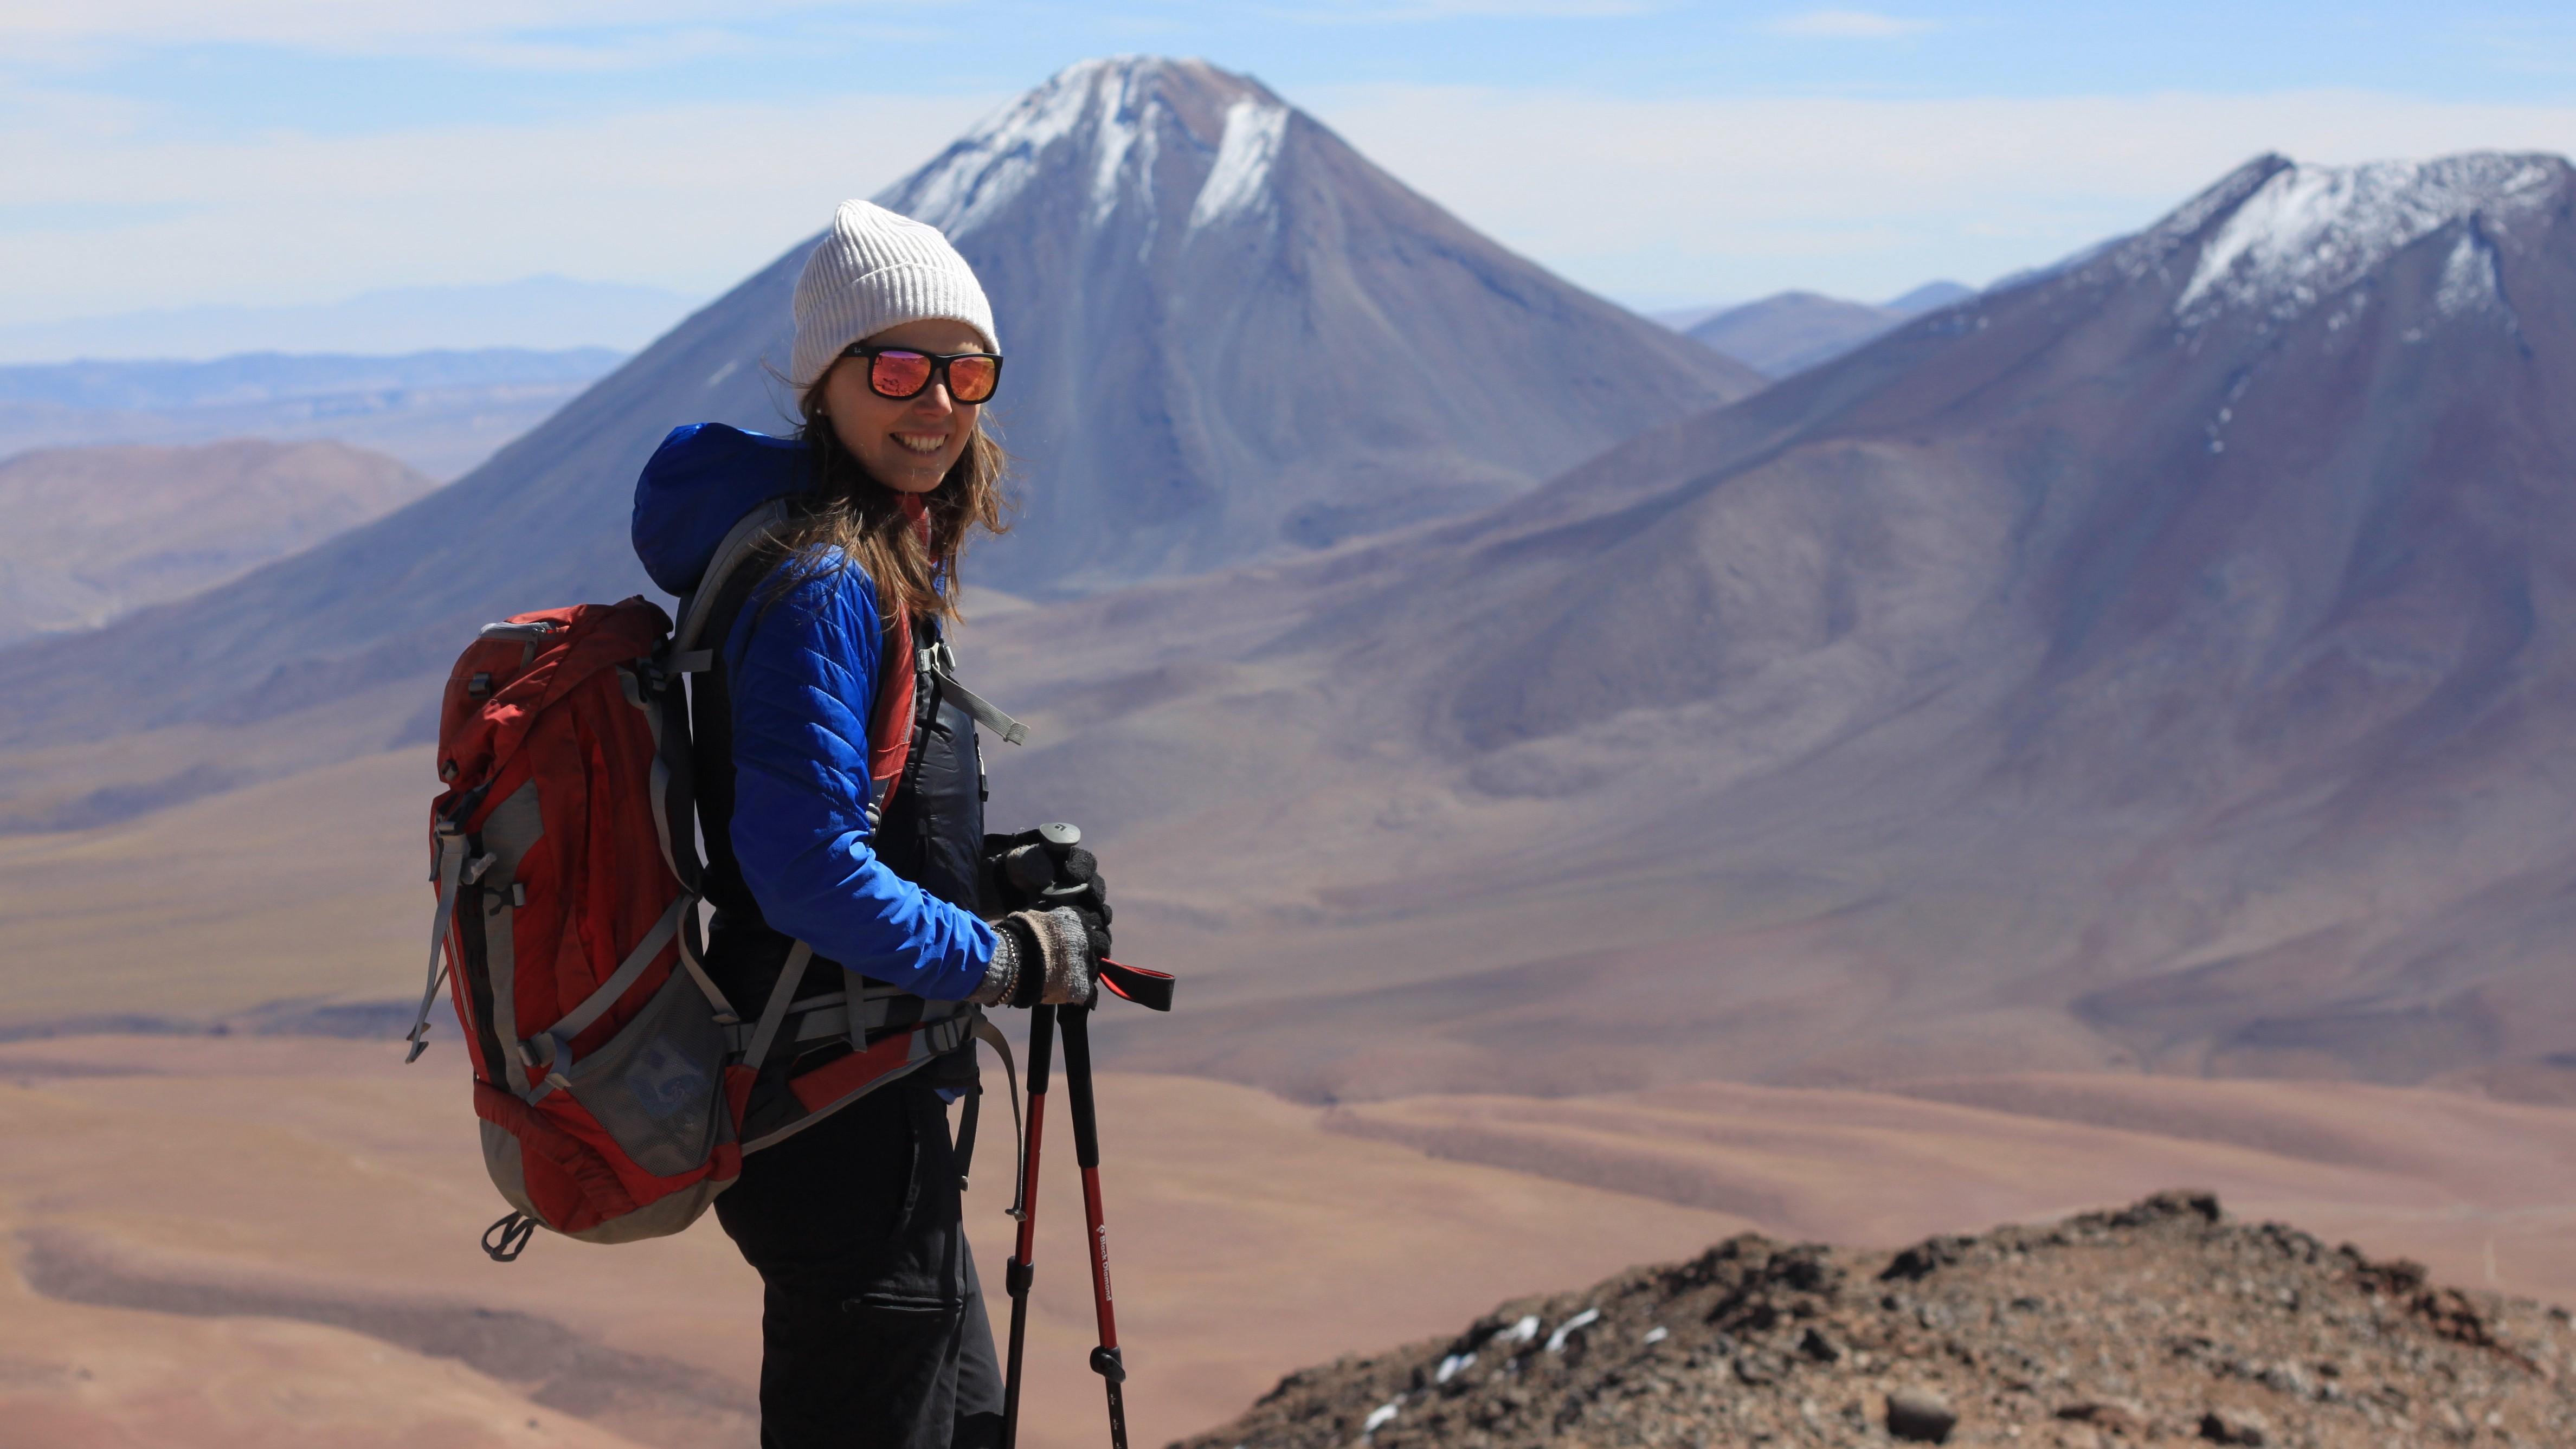 Andrea Hochmuth beim Wandern in der Wüste